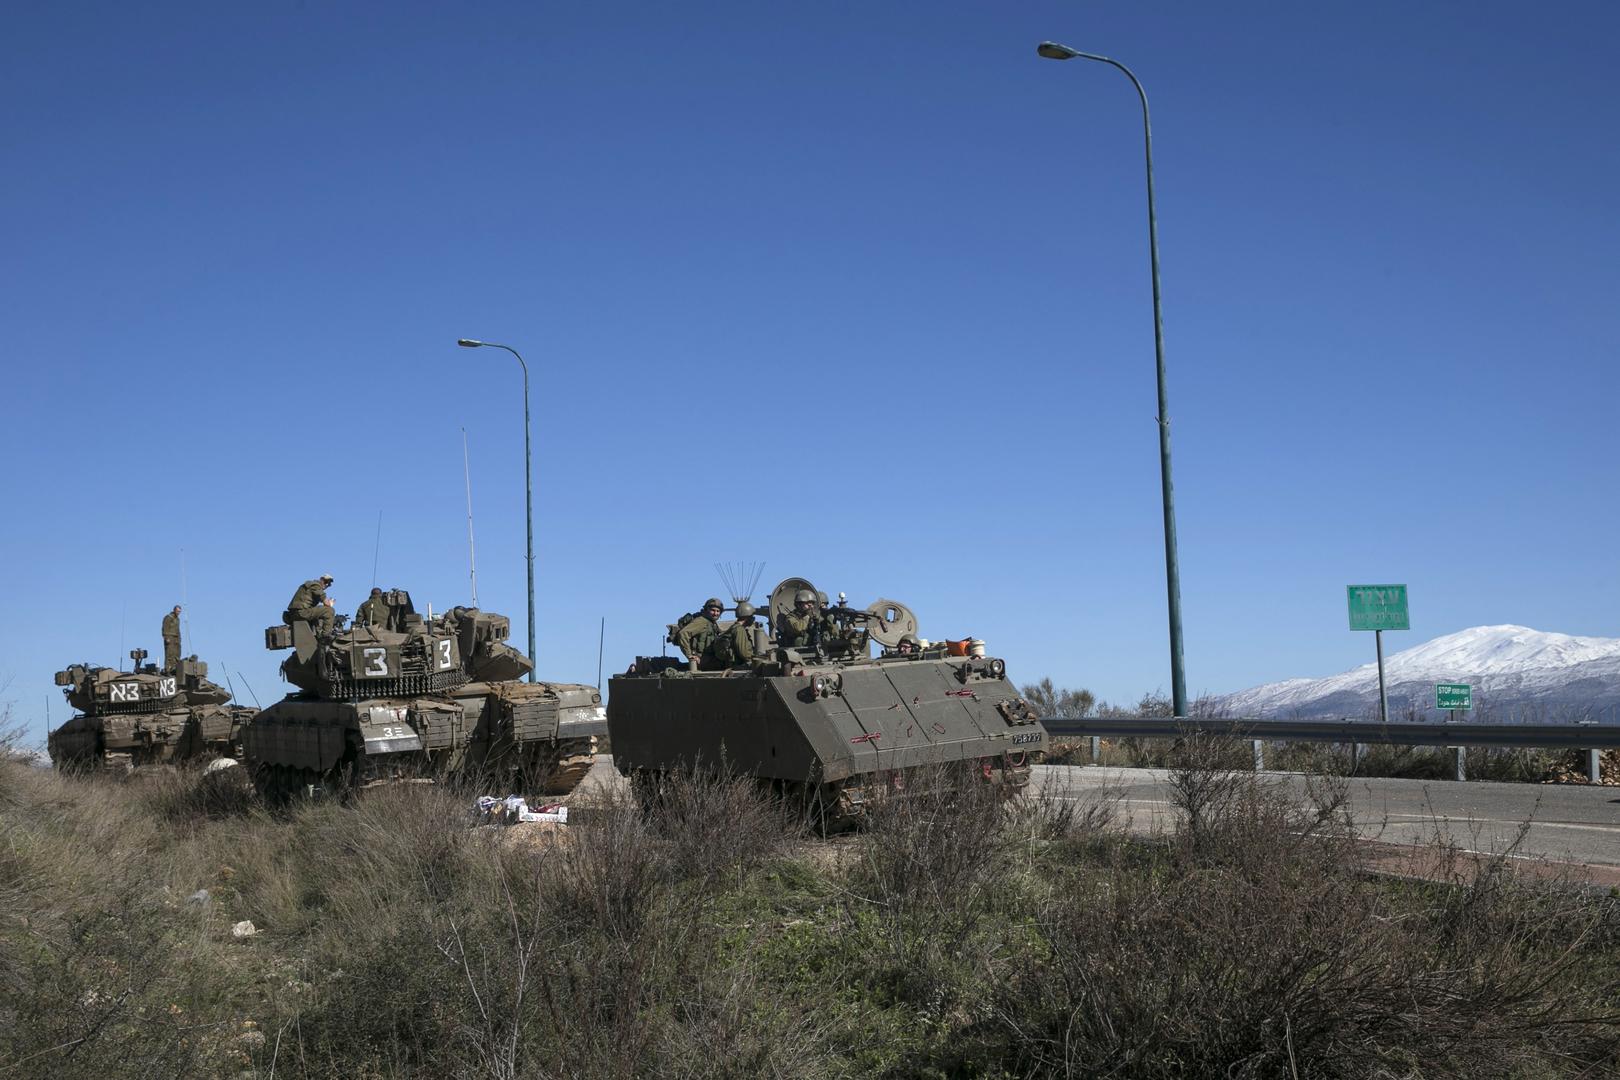 حركة كثيفة للجيش الإسرائيلي على الحدود اللبنانية